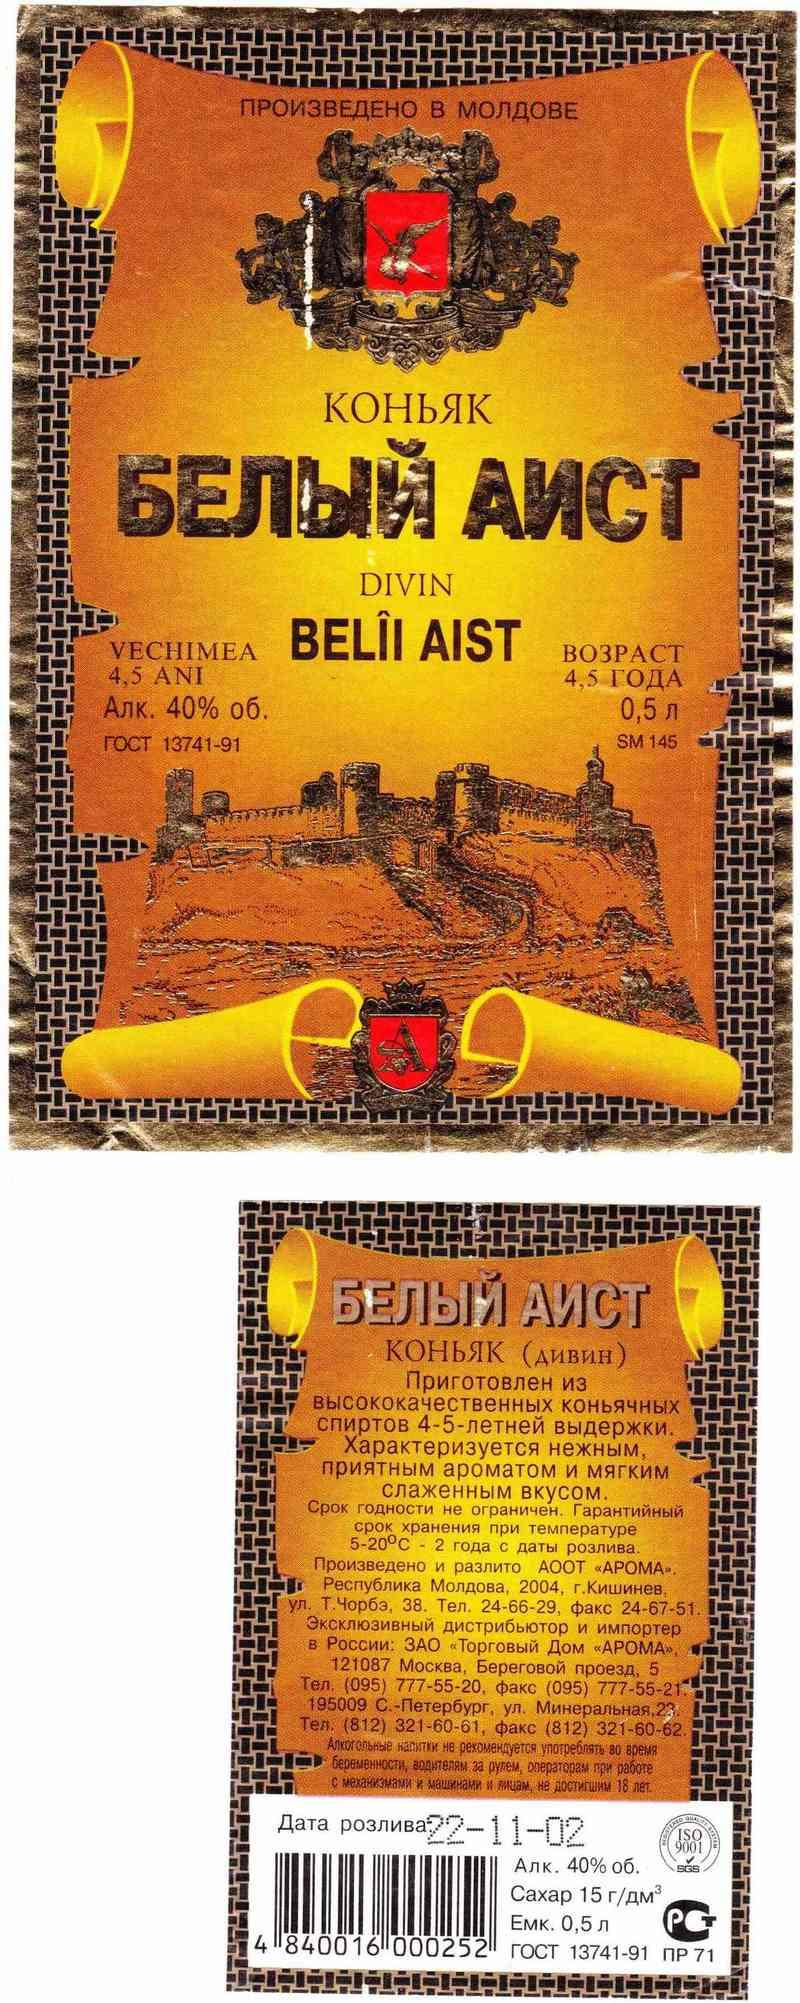 Коньяк «белый аист»: история, особенности и виды марки